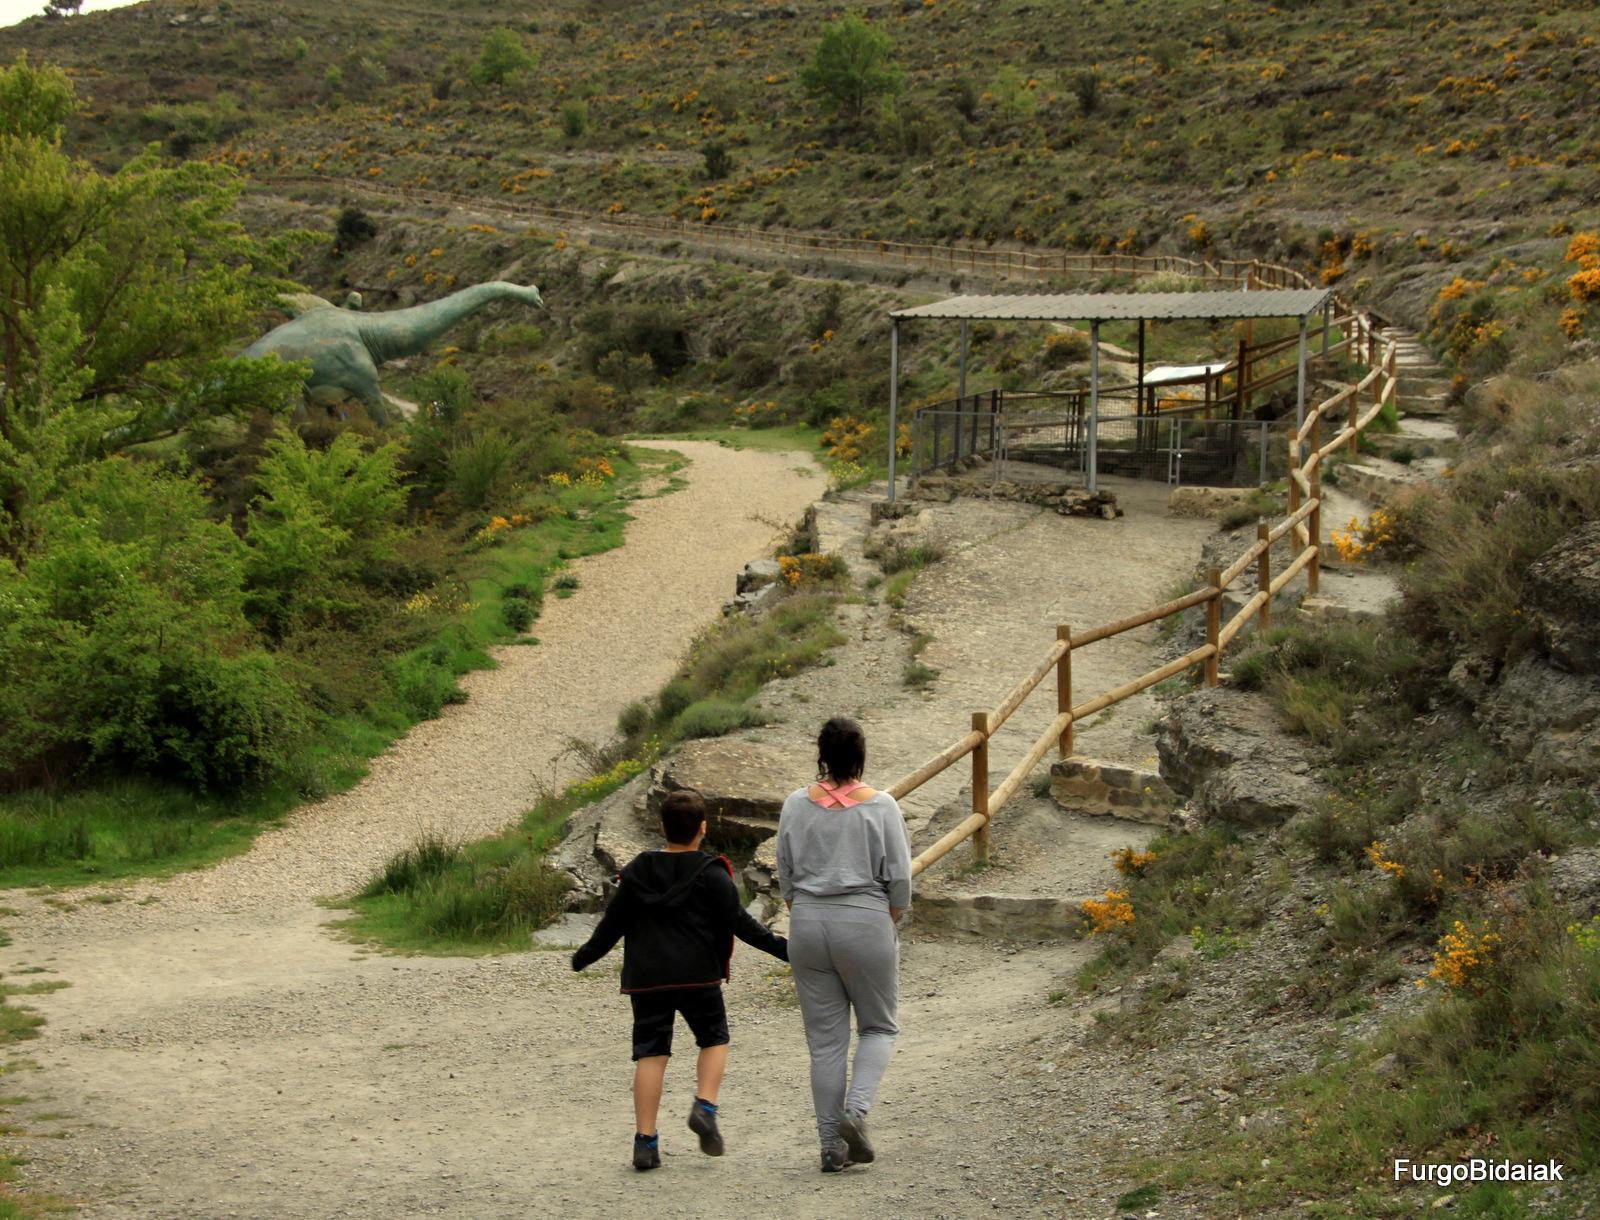 Ruta de los dinosaurios, Valdecevillo , La Rioja